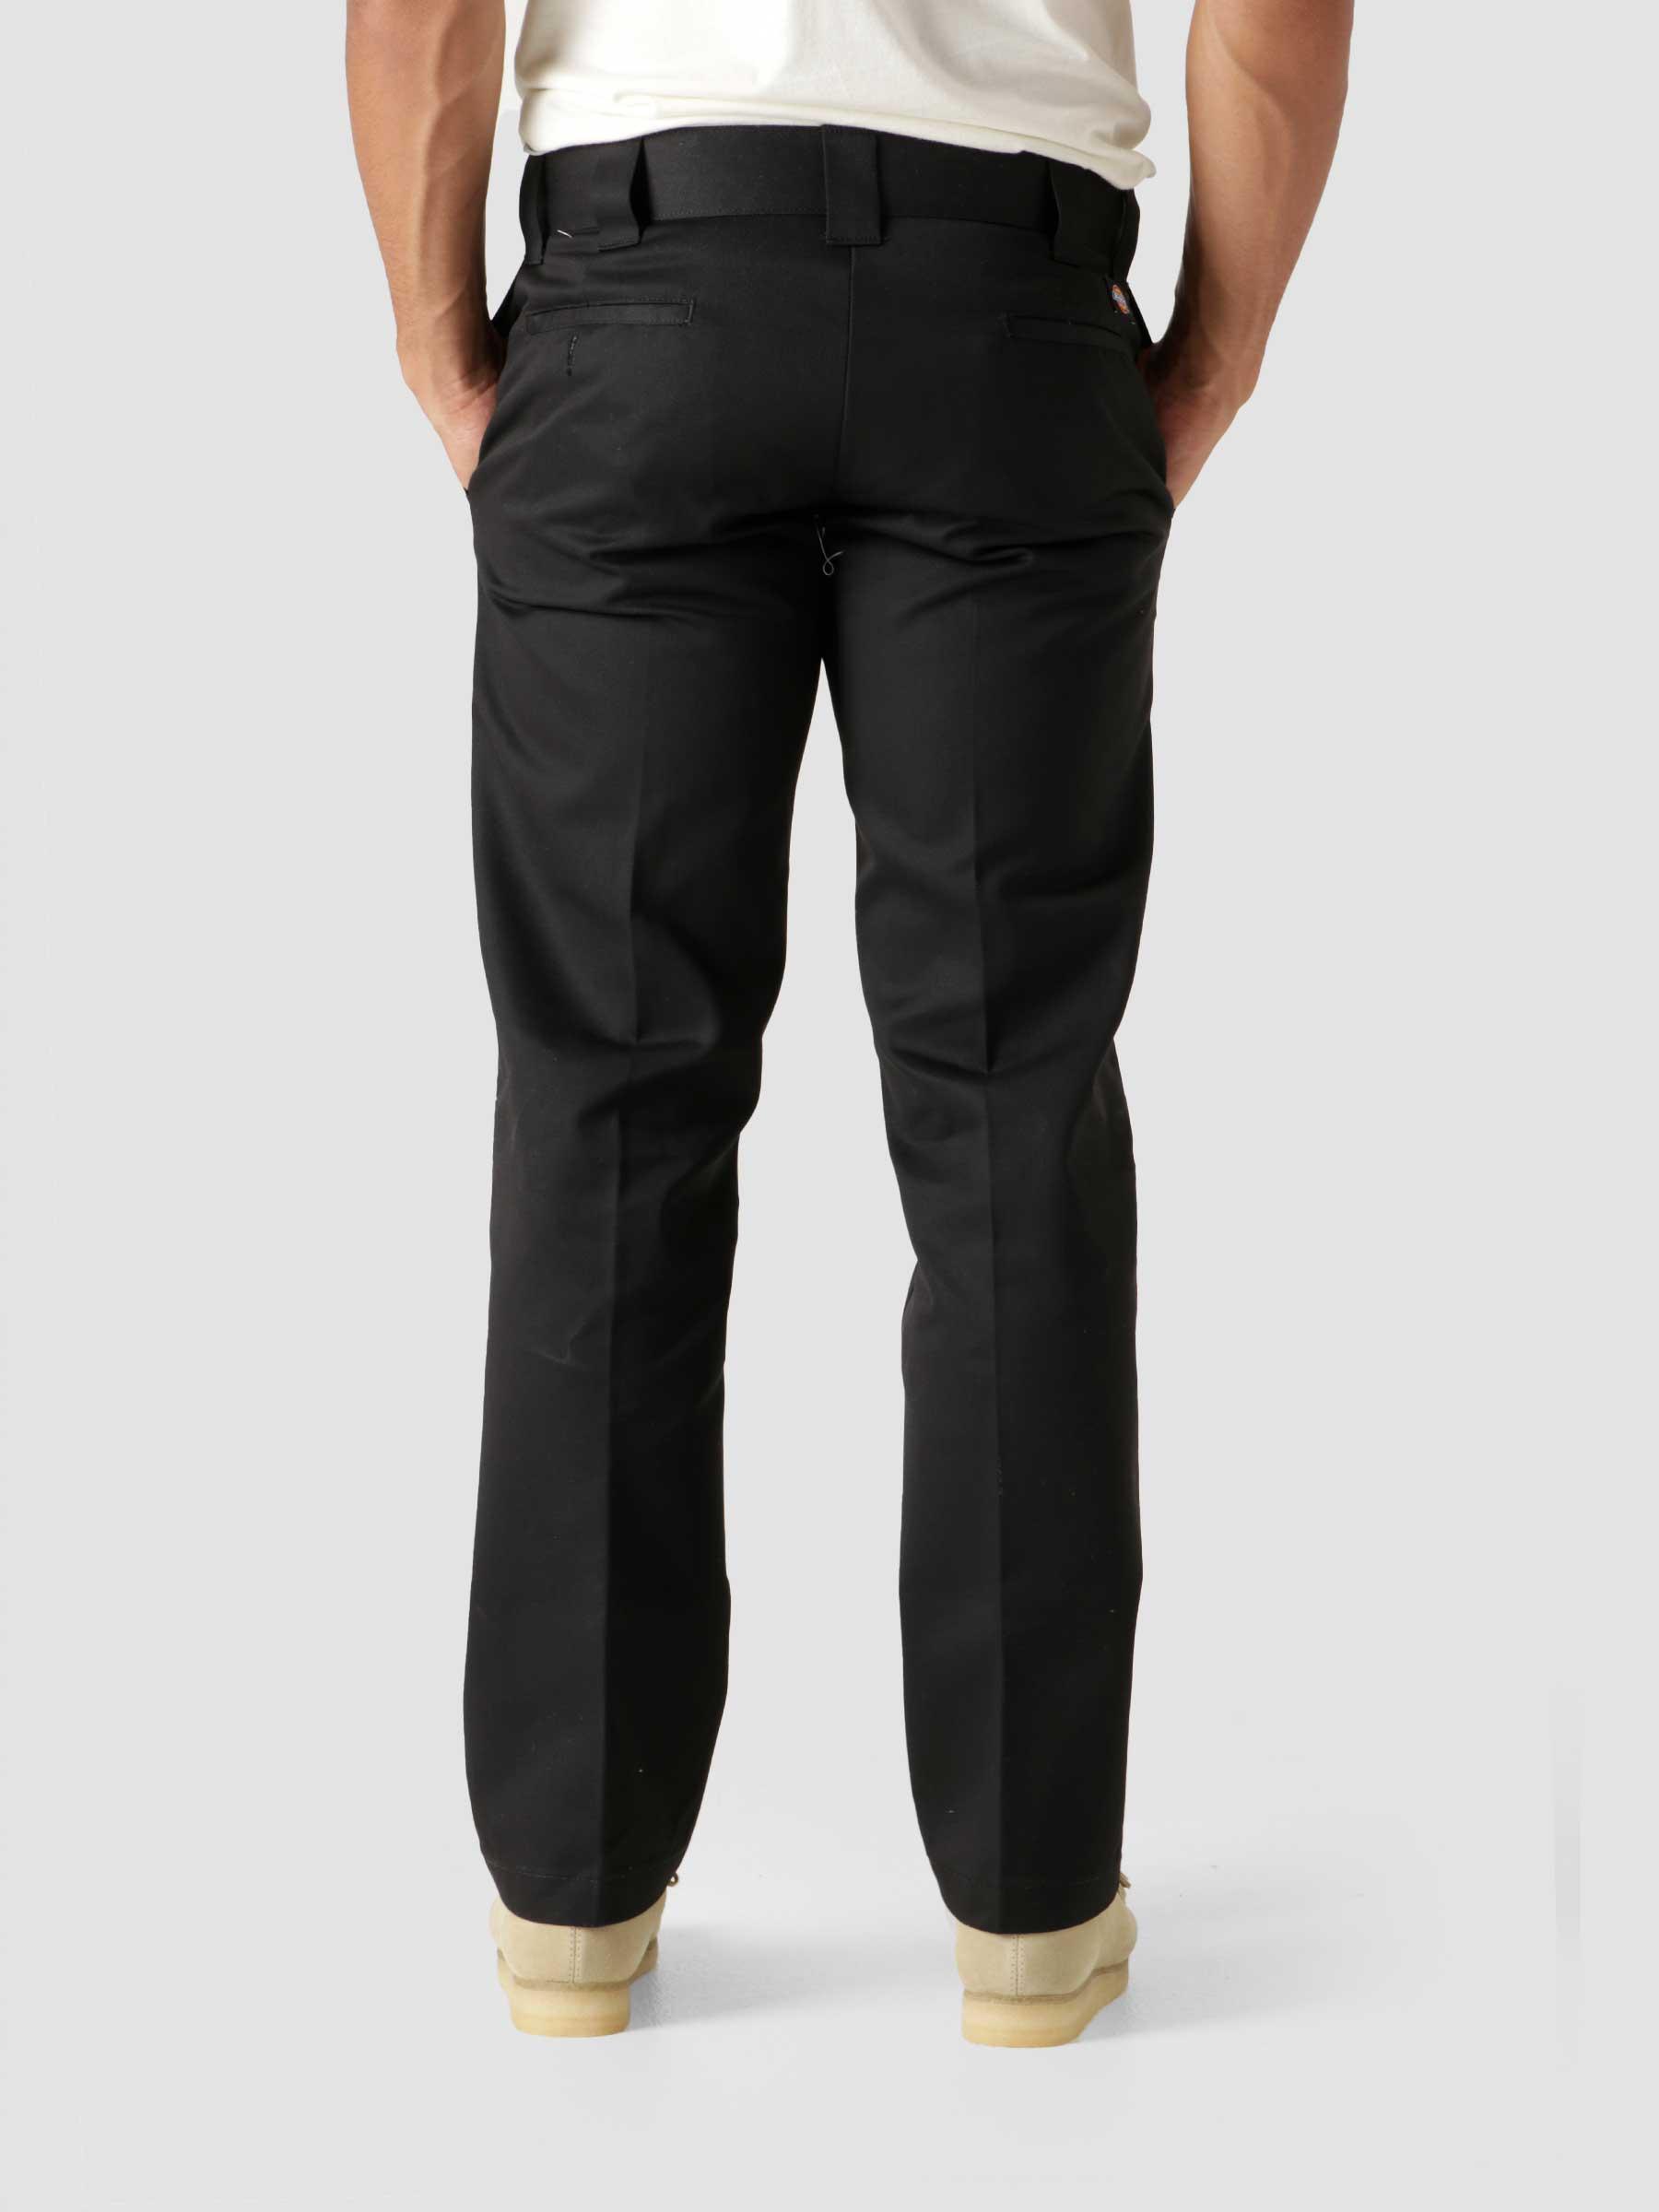 Slim Straight Work Pant Black DK0WP873BLK1